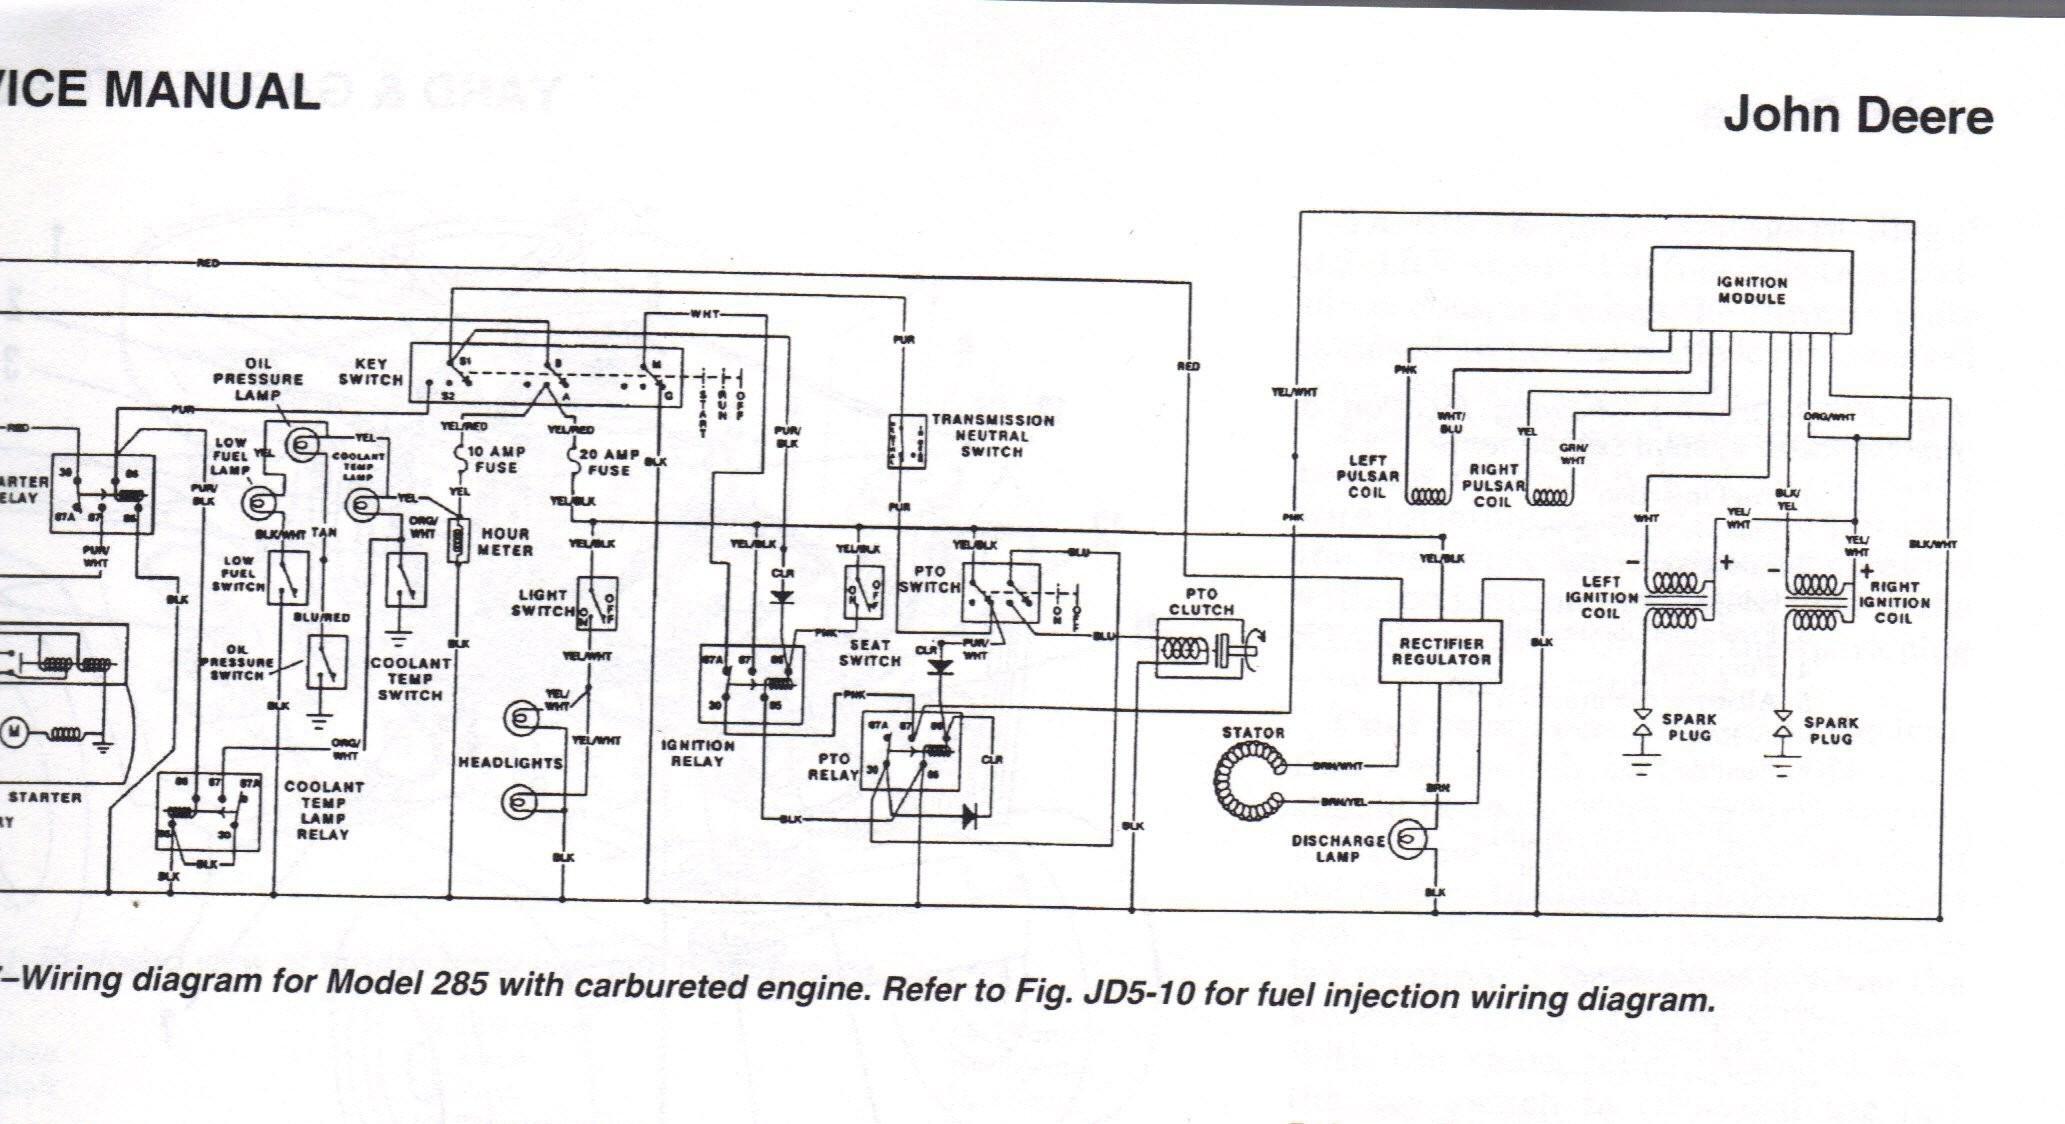 John Deere D140 Pto Rwiring Diagram John Deere D140 Wiring Diagram Of John Deere D140 Pto Rwiring Diagram